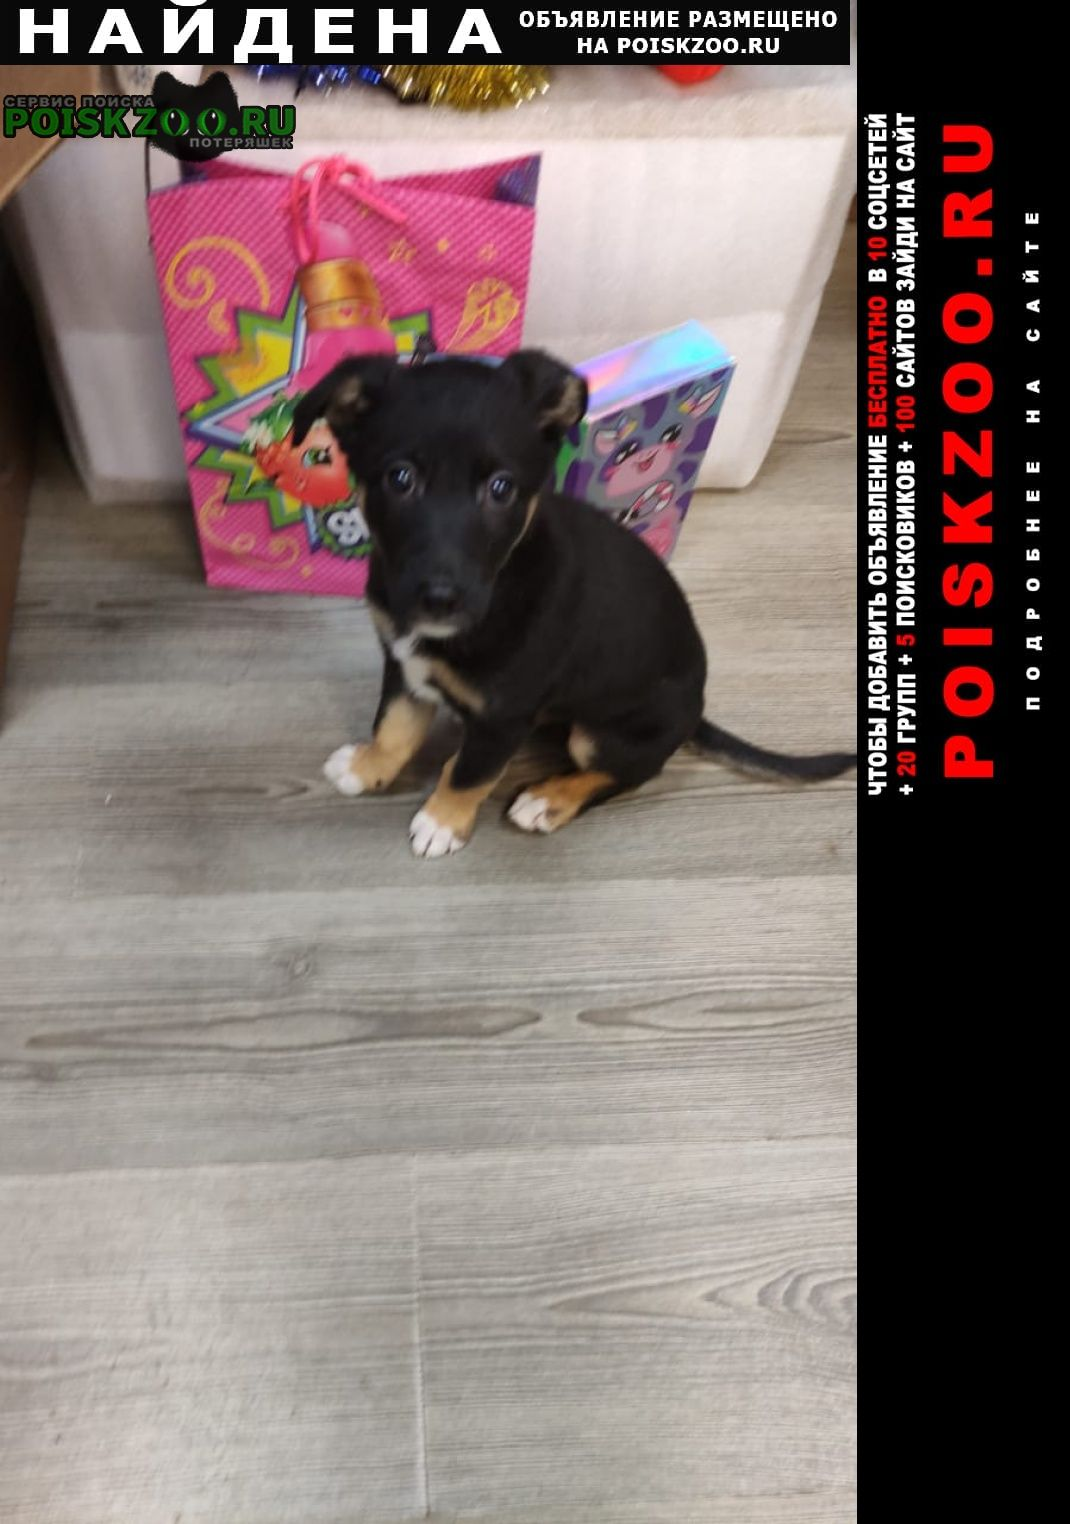 Найдена собака щенок Калуга